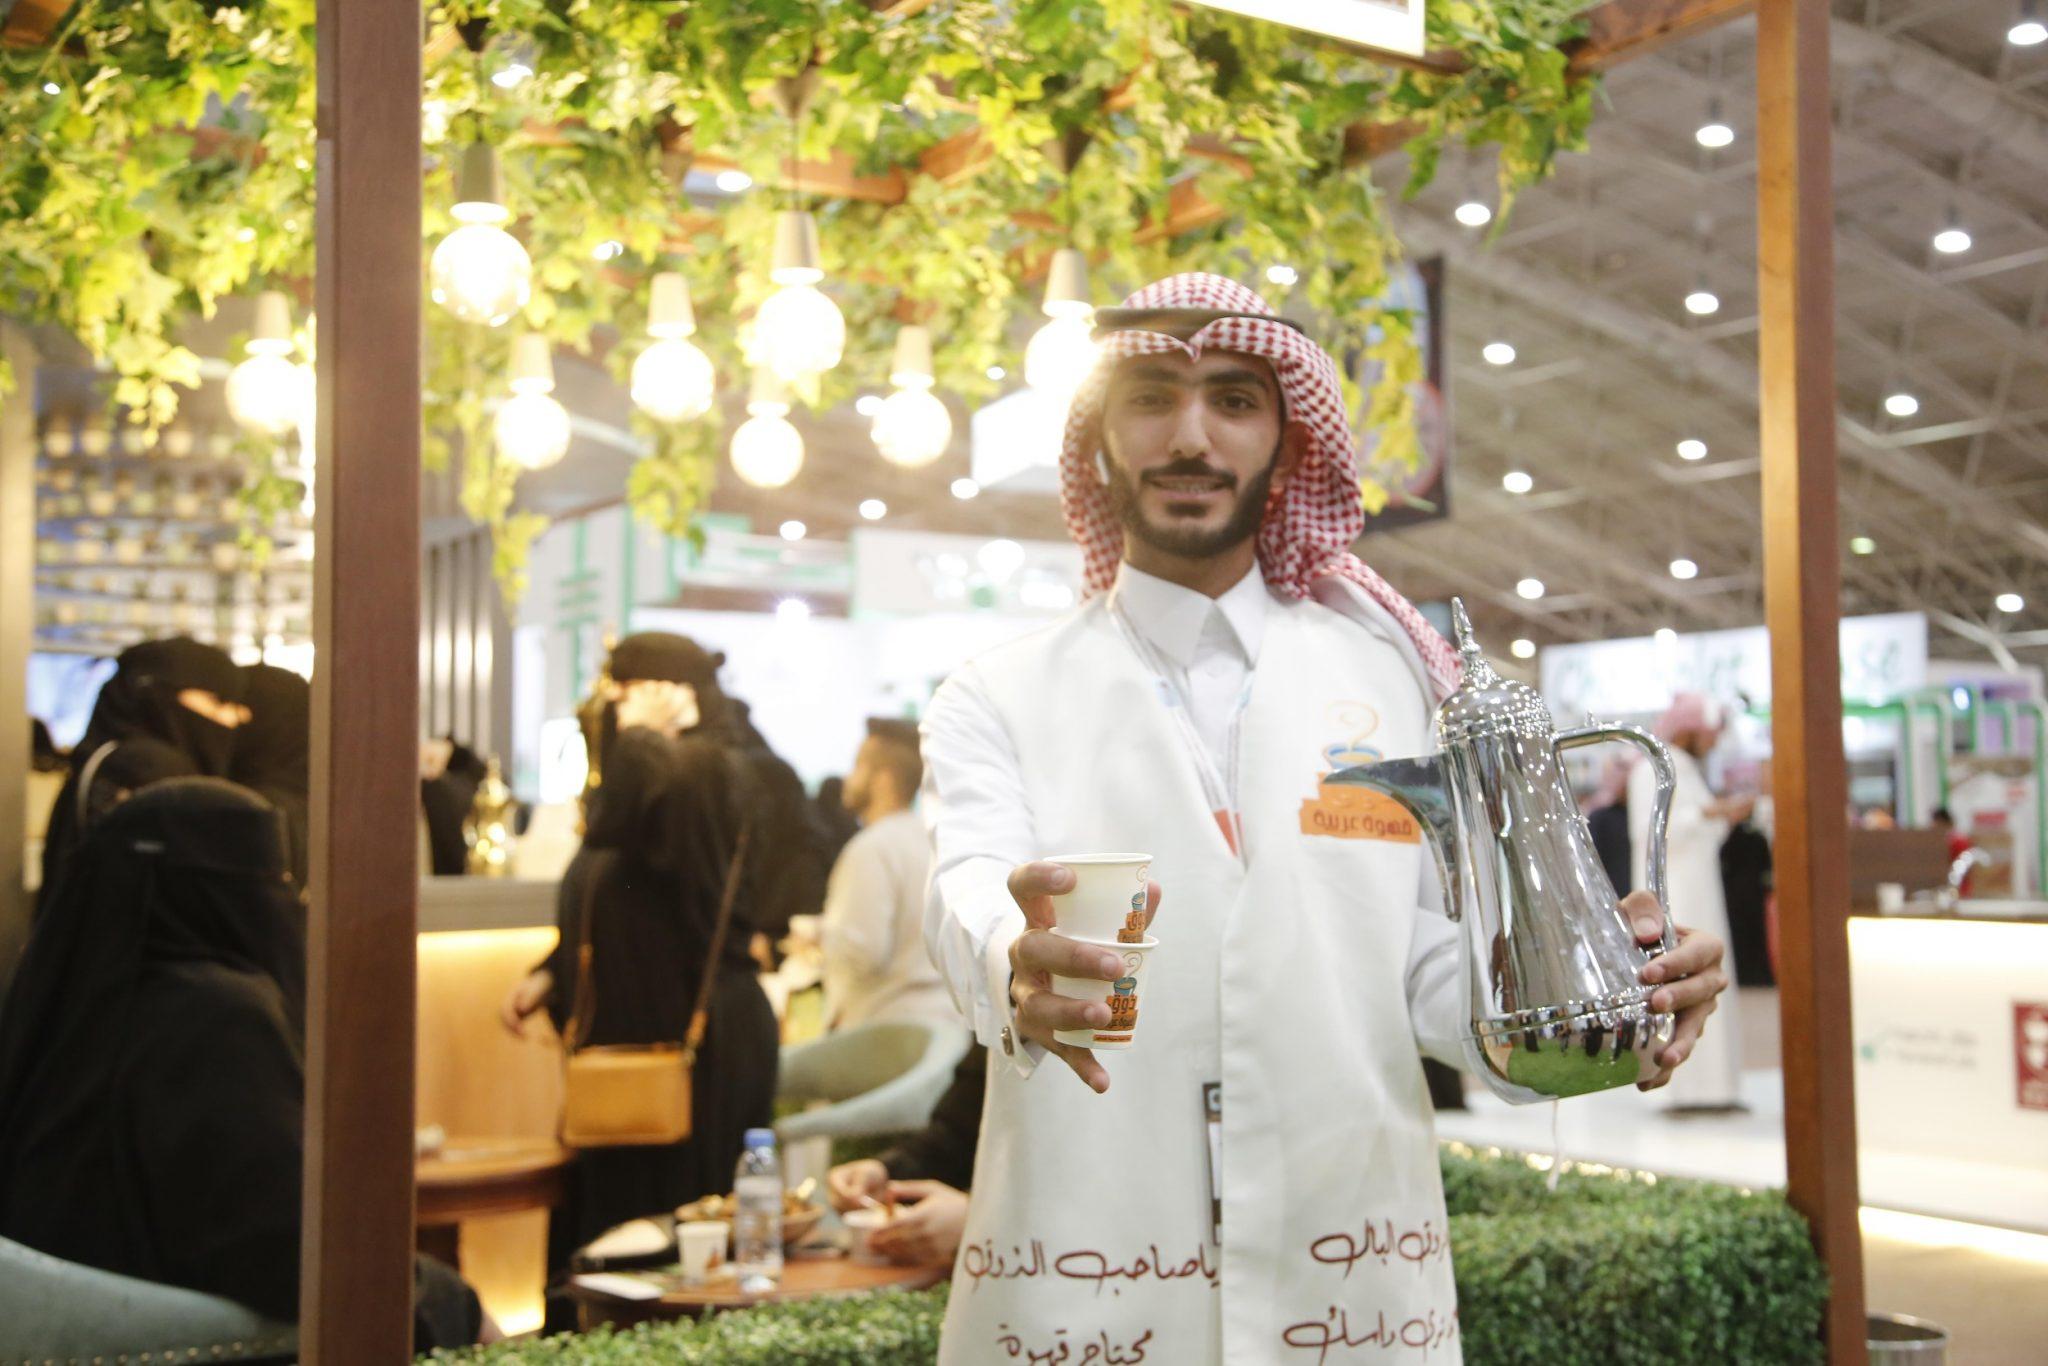 CAFE DE ARABIA SAUDITA